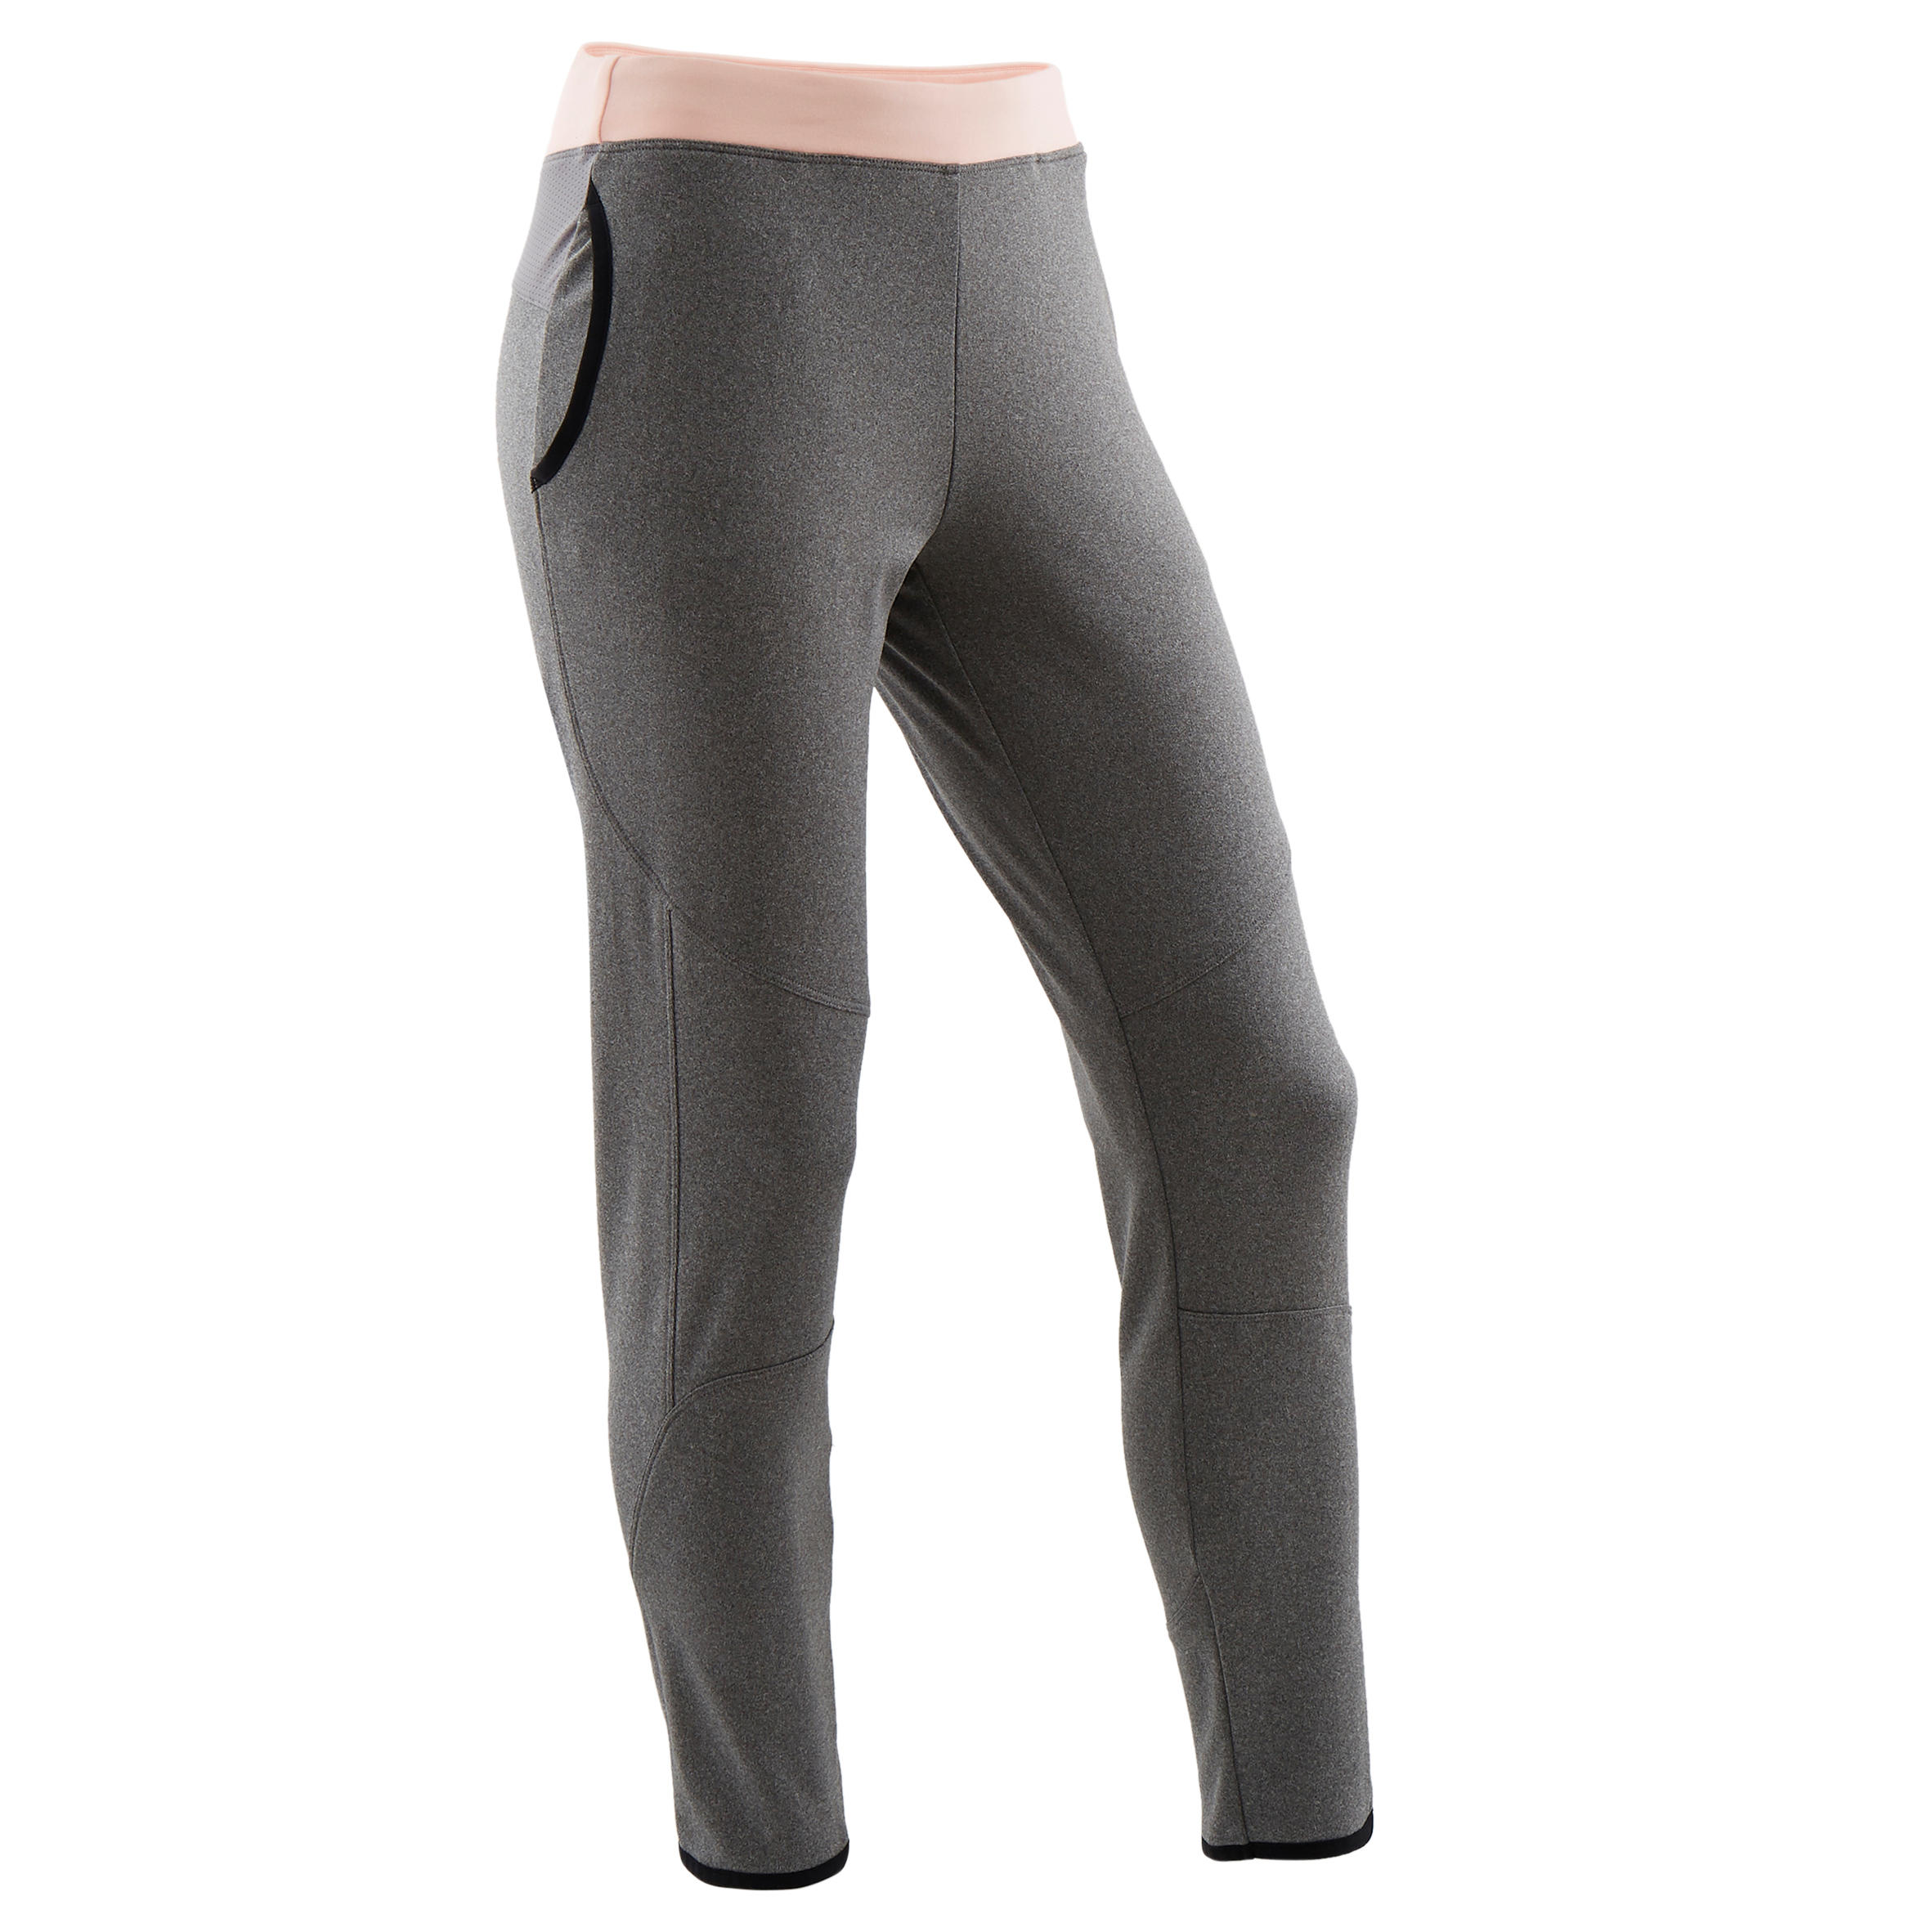 Pantalon S500 gri fete